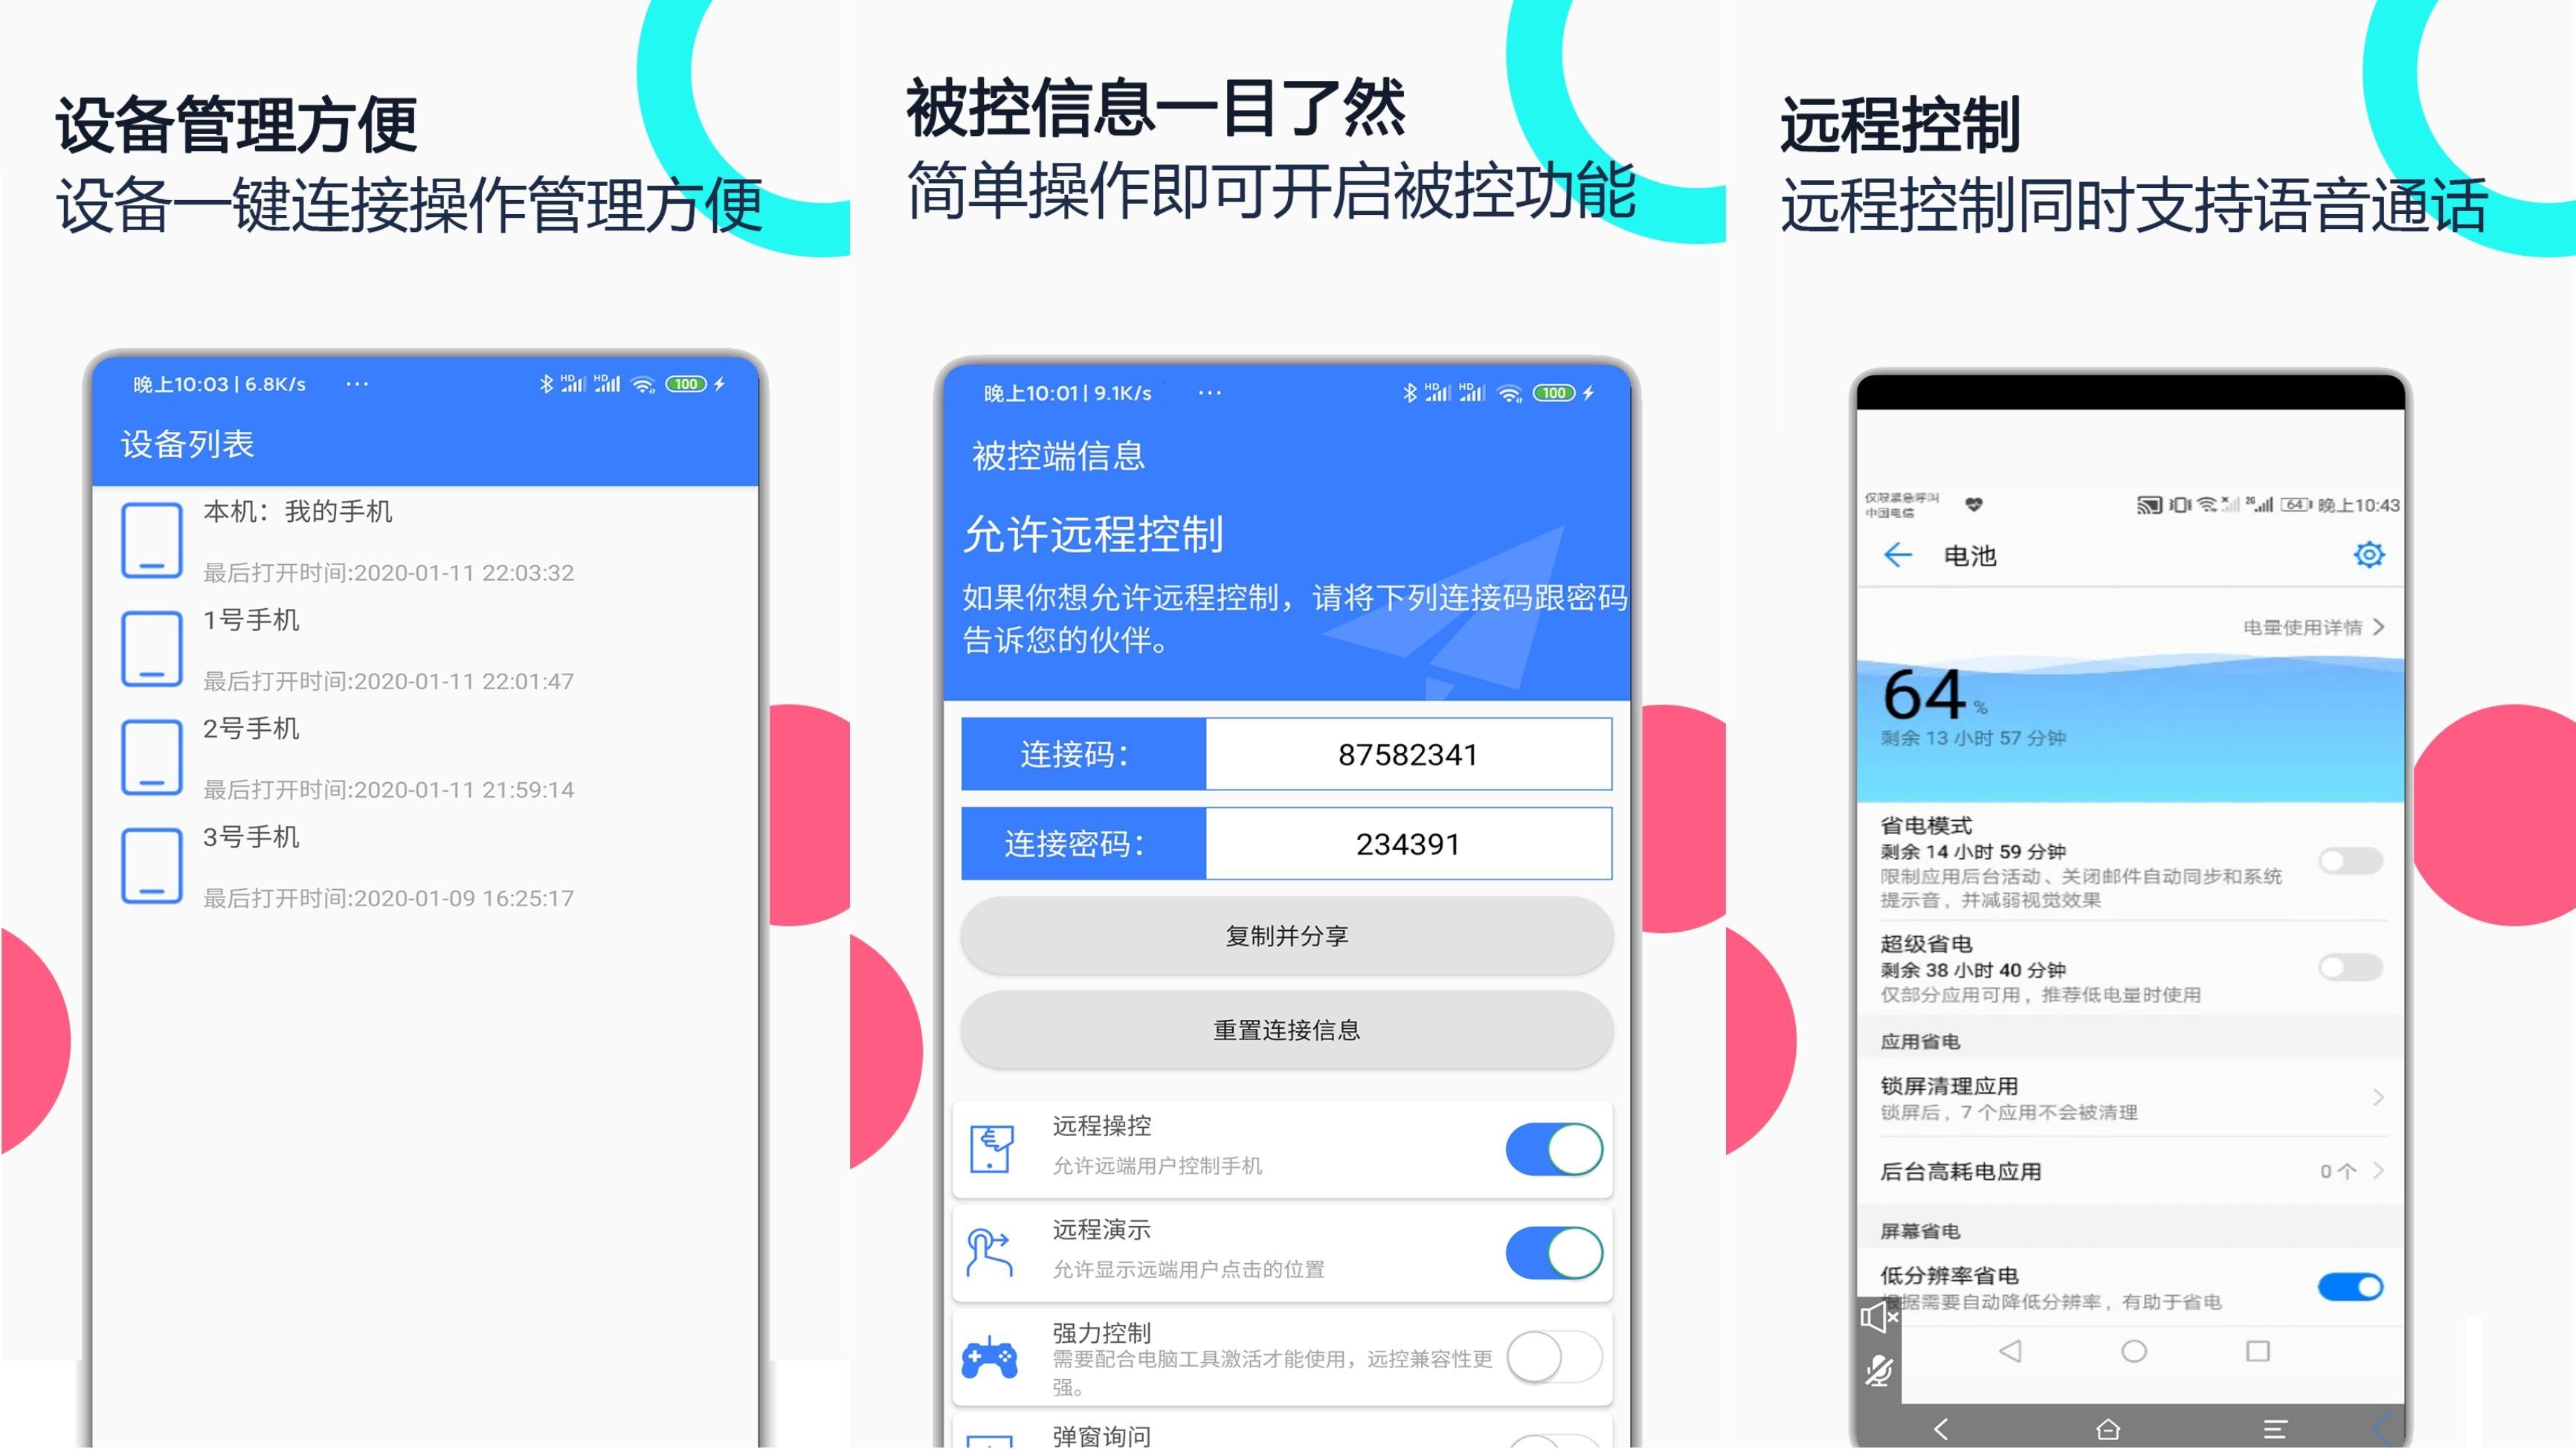 手机远程协助控制优化版截图1